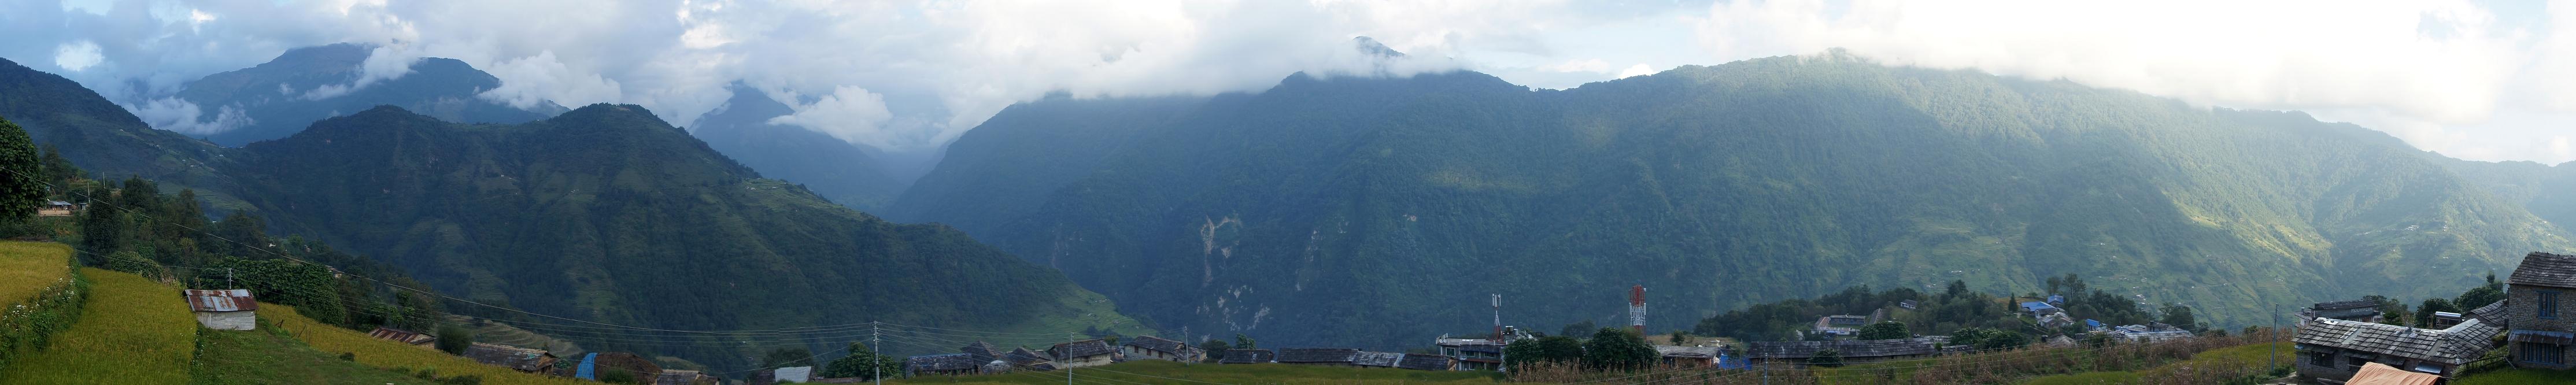 1005_Nepal_146